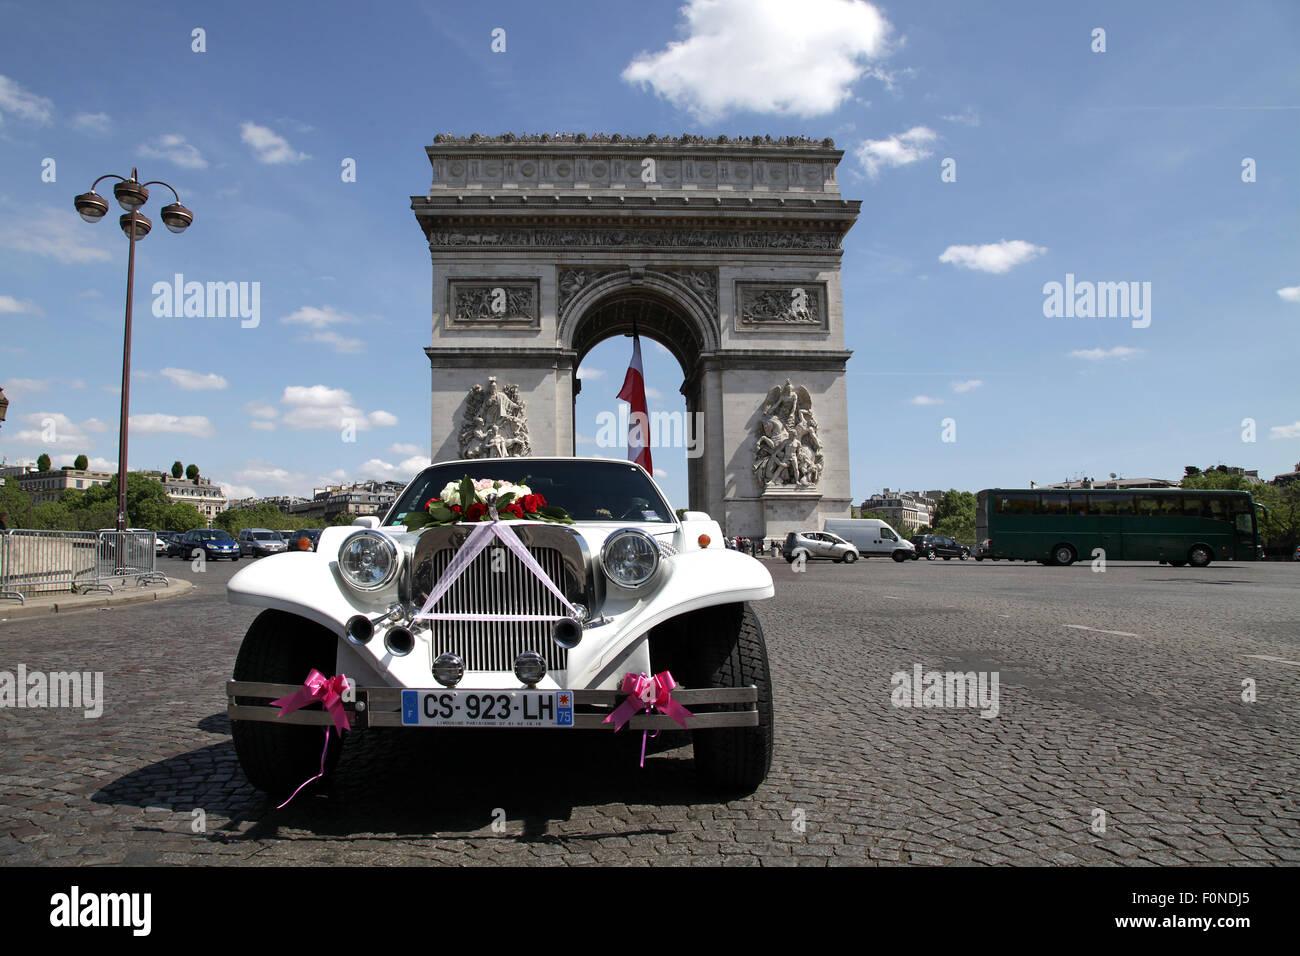 Excalibur automobile correspond à l'Arc de Triomphe Arc de Triomphe à Paris, France Photo Stock